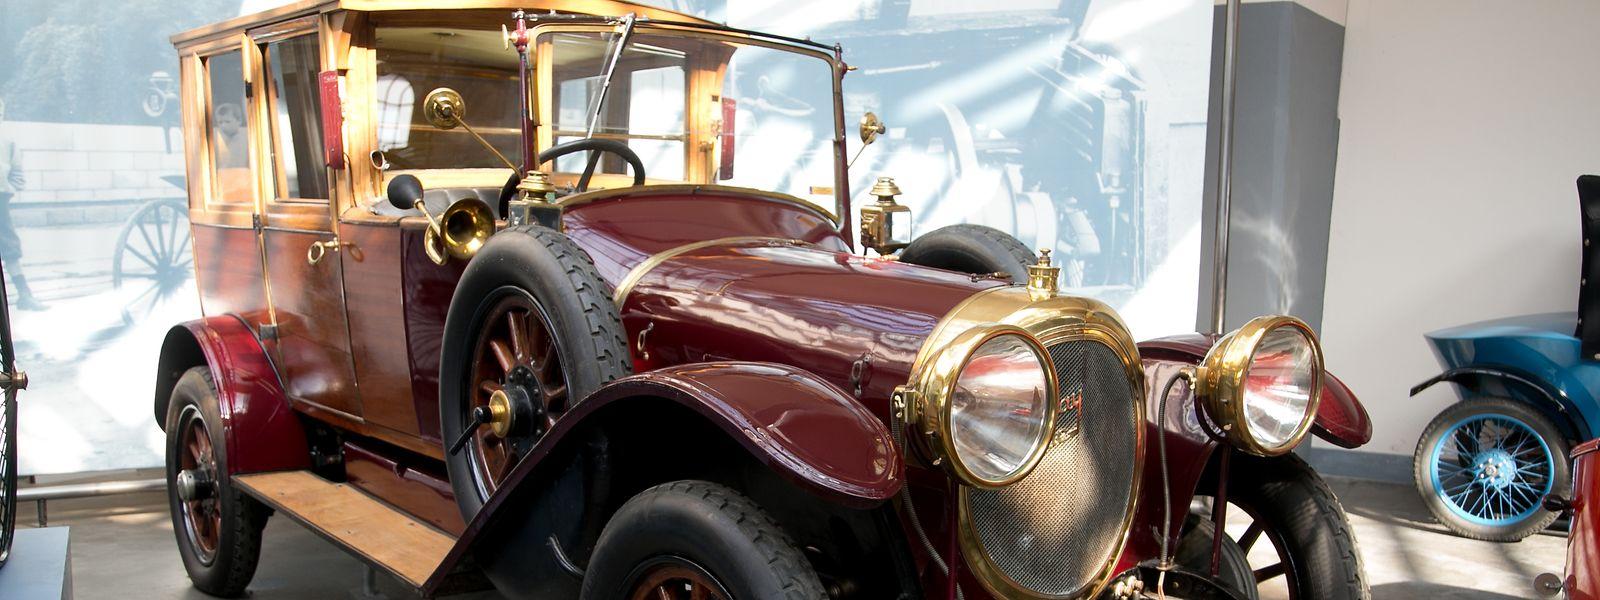 Poliertes Blech und Messing, viel Stoff, Holz und Leder: Die Liebe zum Detail und die Auswahl von Edelmaterialien gehörten Anfang des 20. Jahrhunderts zum guten Ton im Autobau.